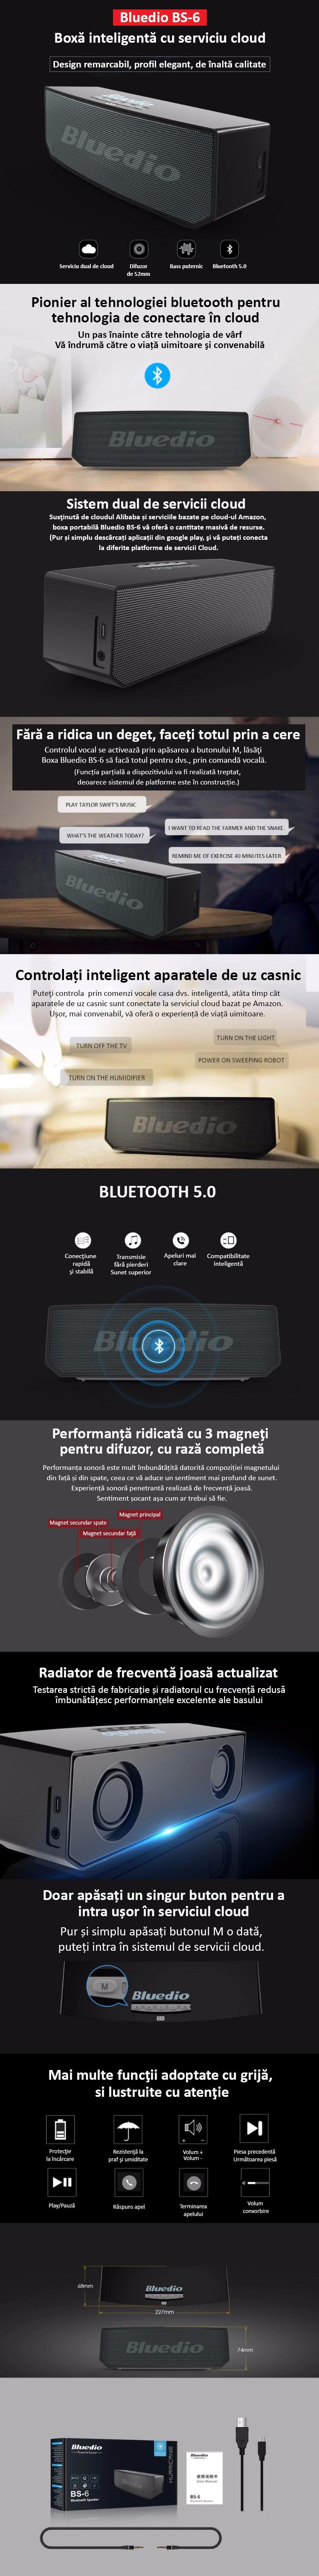 boxa-bluedio-bs-6e39c7f0f8a3a51fe.jpg